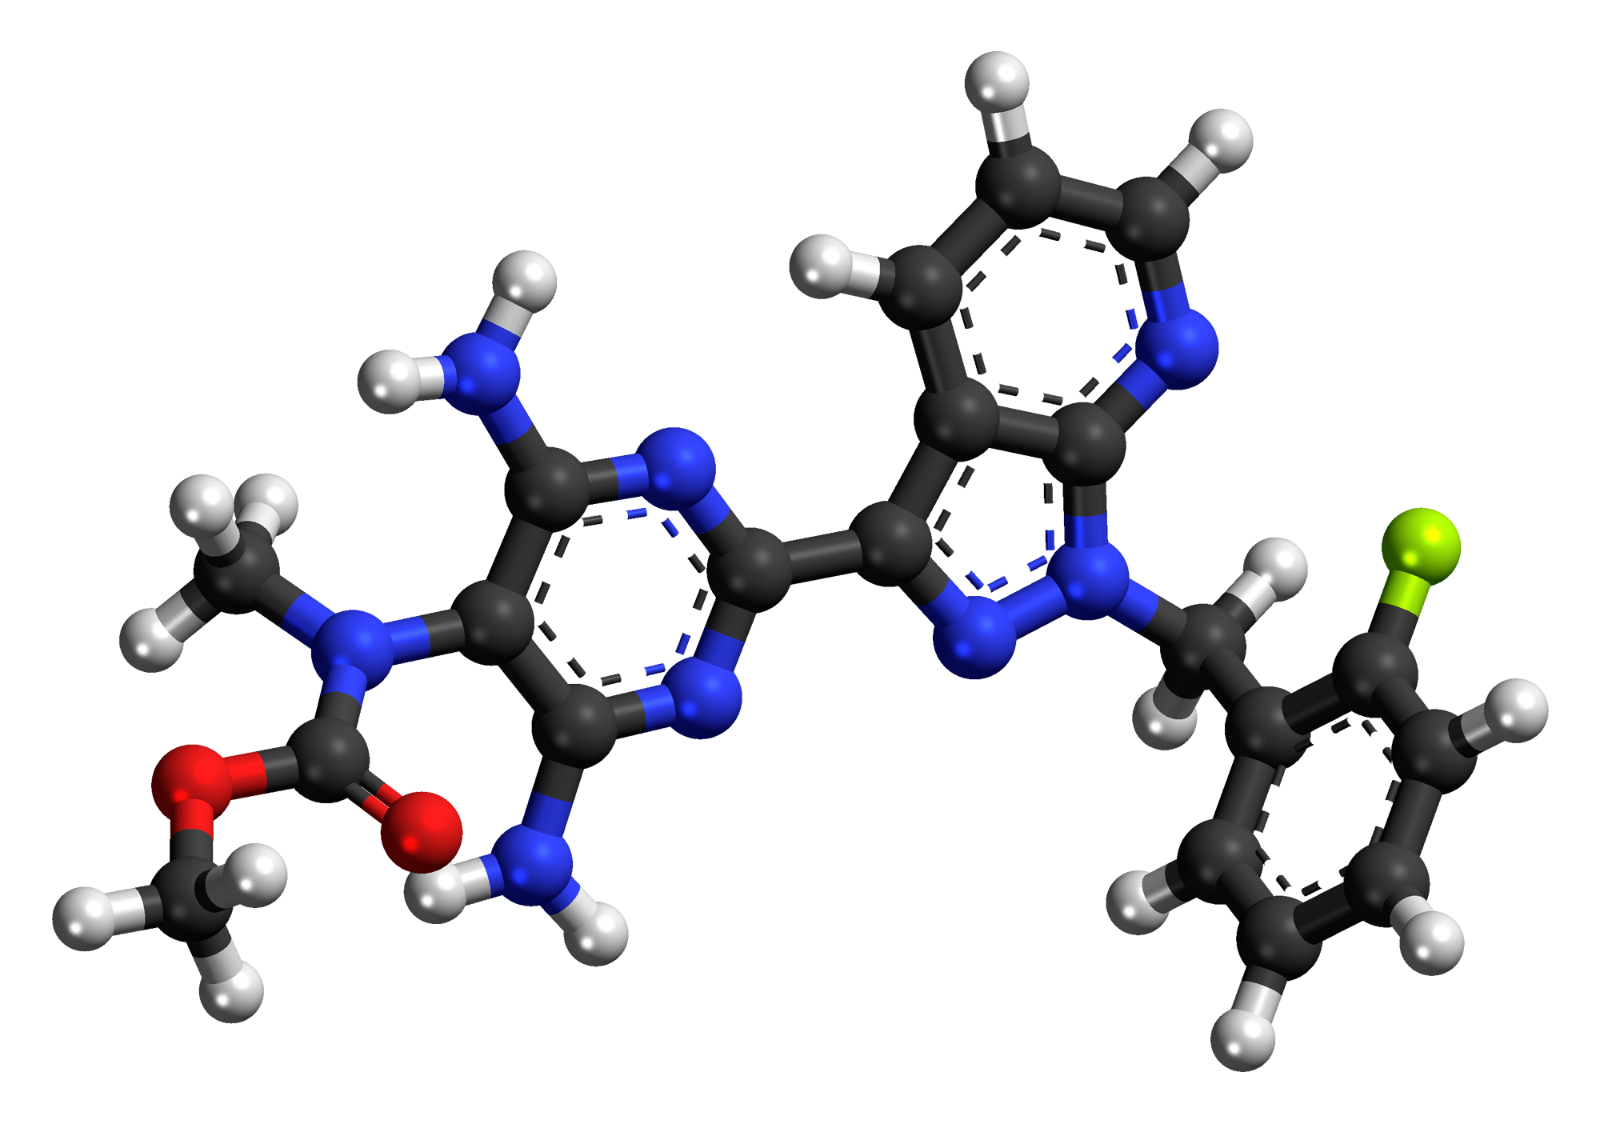 Ilustración de la molécula C20H19FN8O2